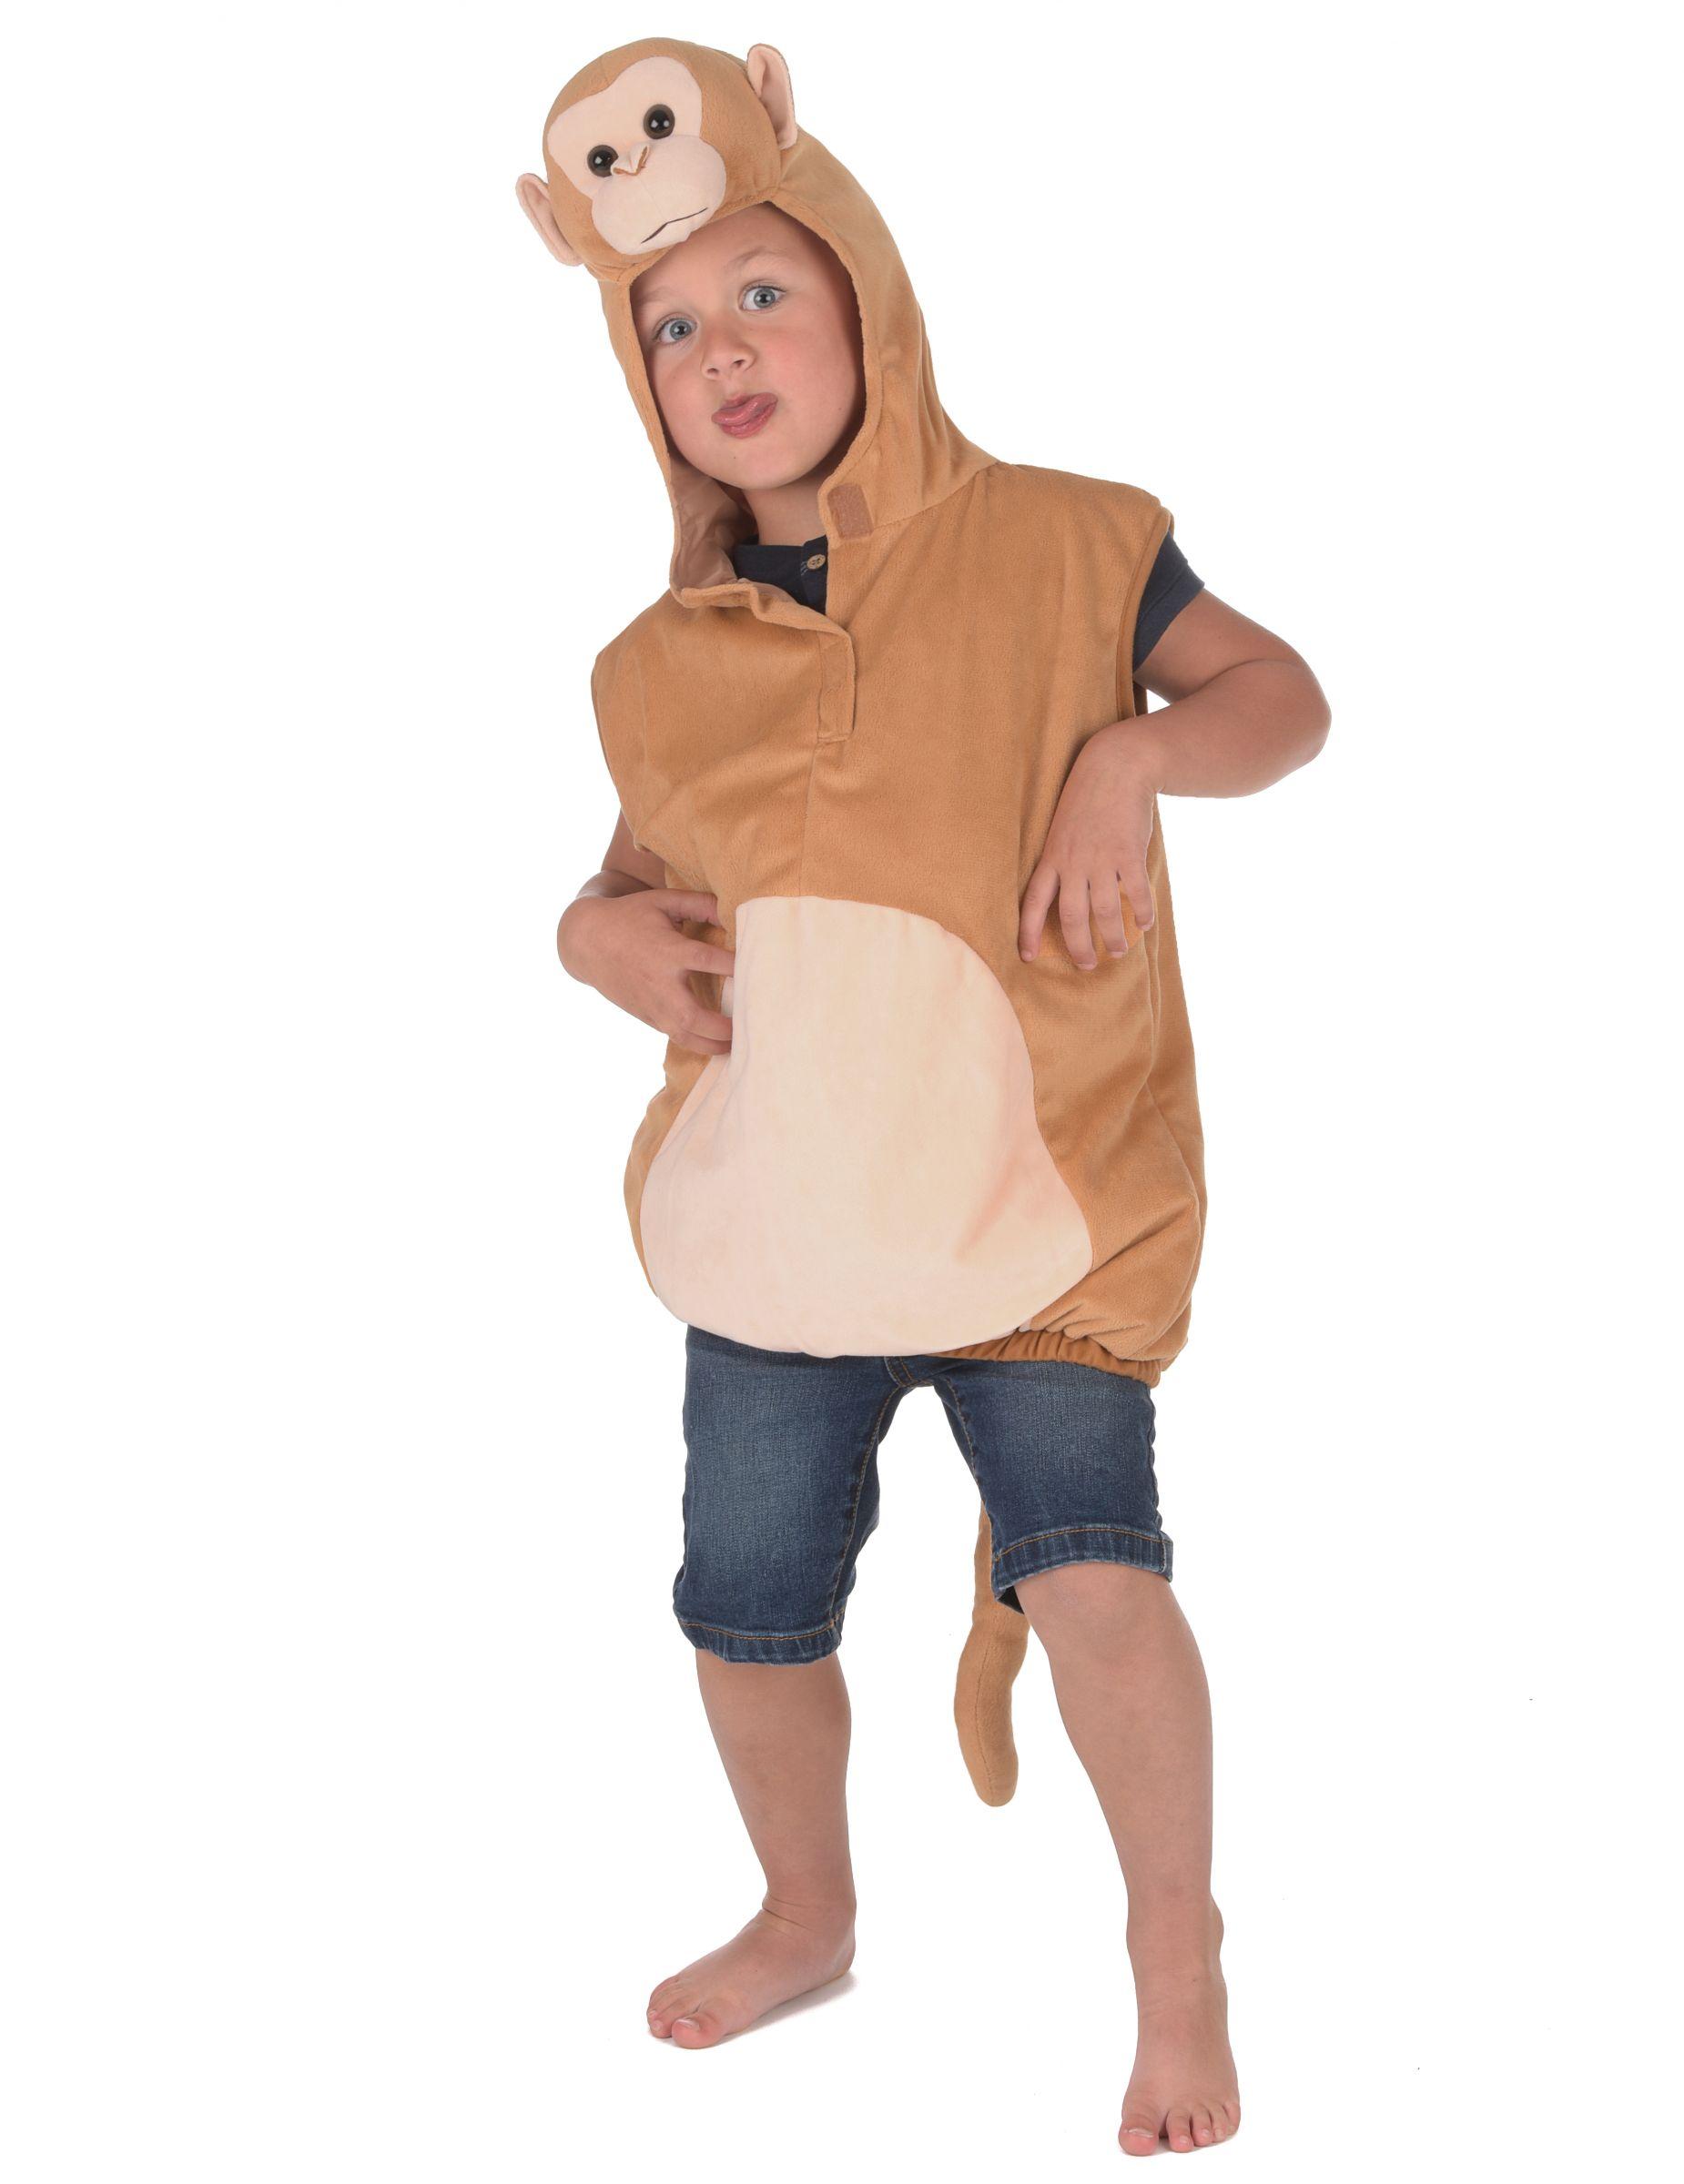 bdc94ad4b89485 Apen kostuum voor kinderen: Kinderkostuums,en goedkope ...